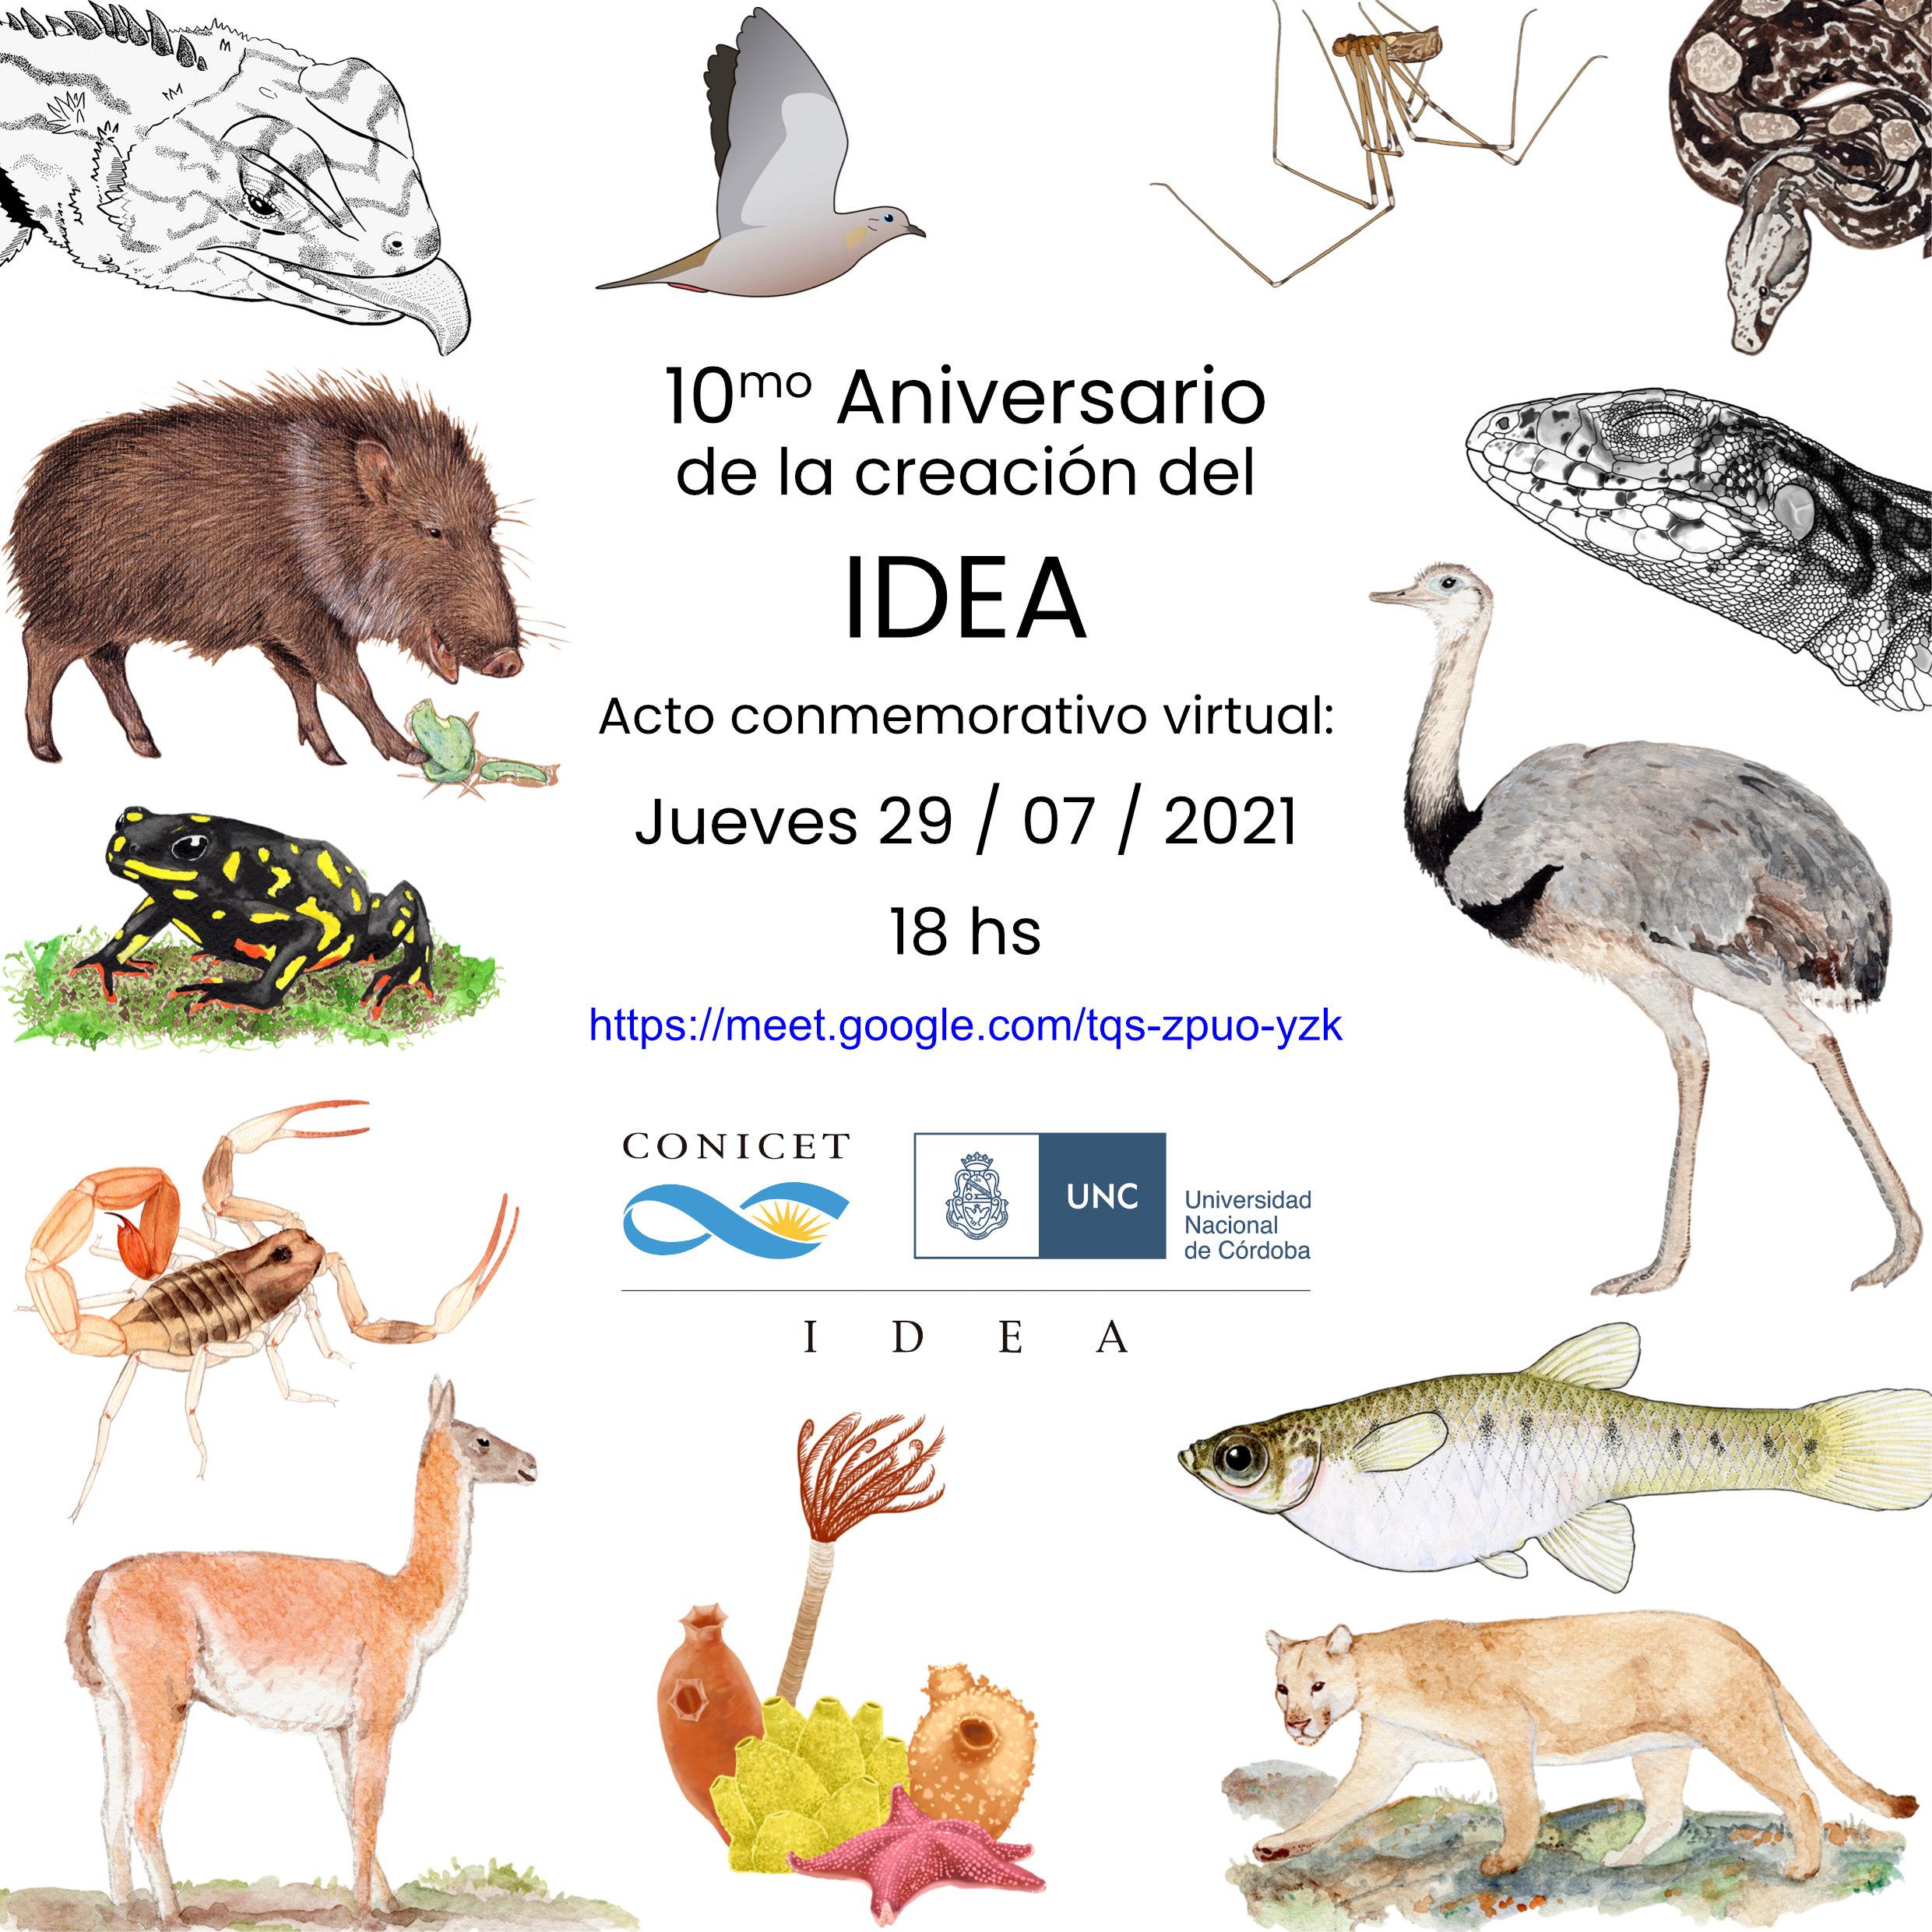 10° aniversario de la creación del Instituto de Diversidad y Ecología Animal (IDEA)